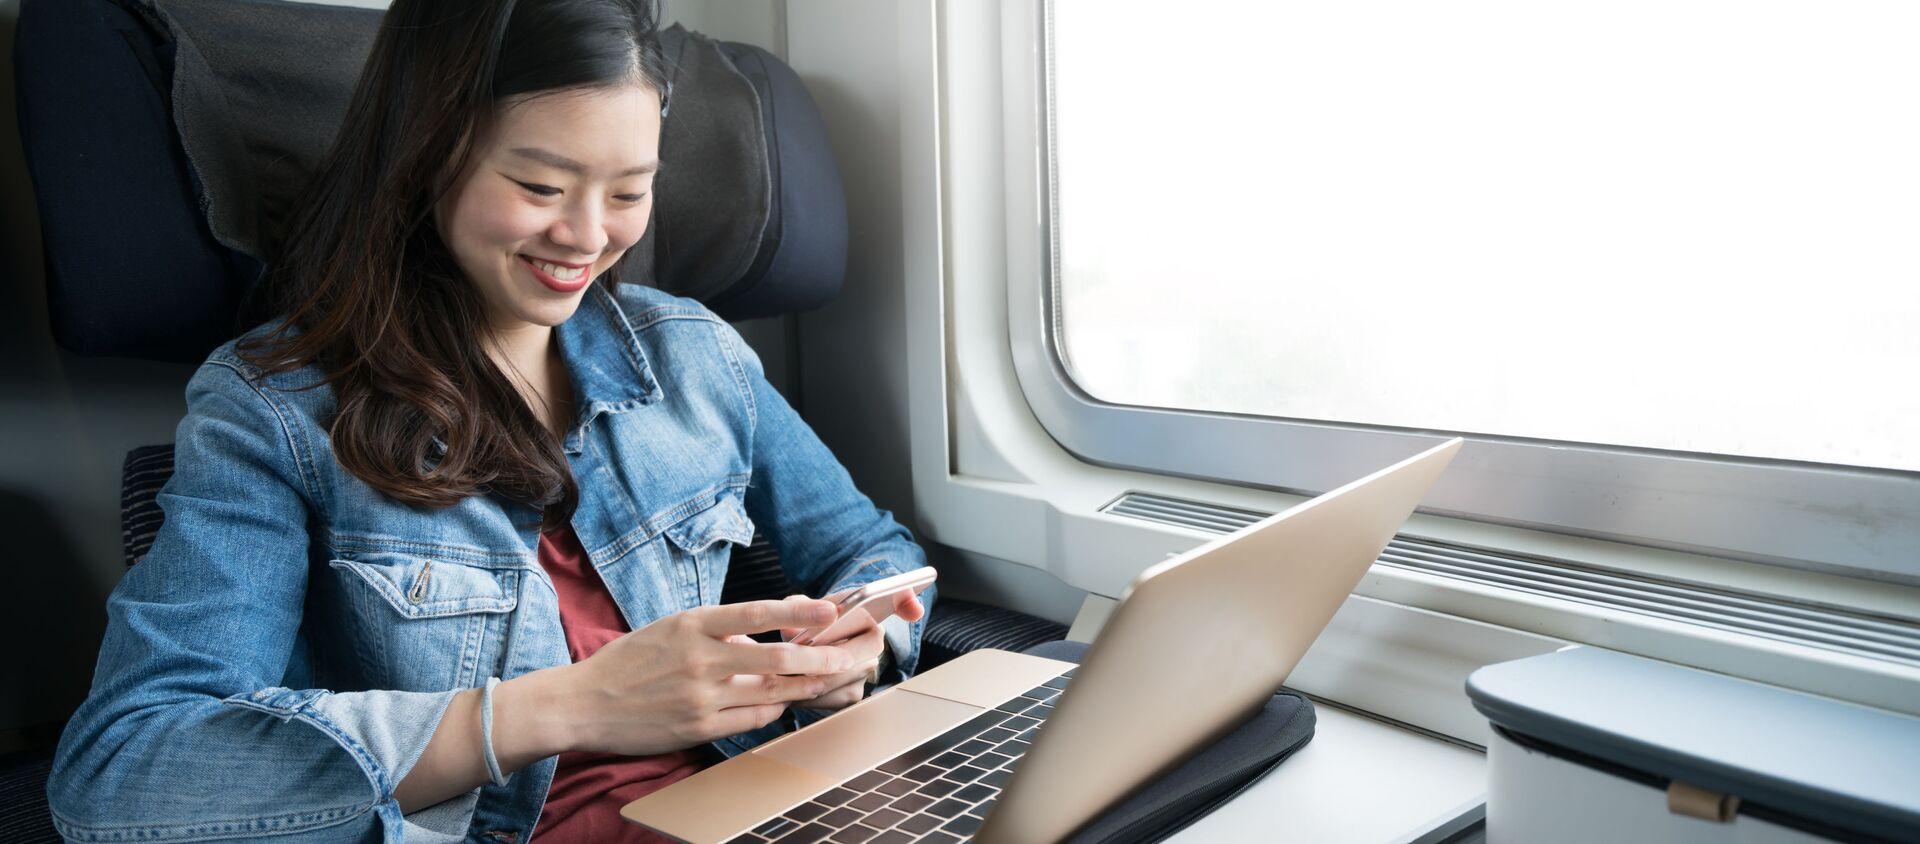 Cô gái đi trên tàu với máy tính xách tay và điện thoại - Sputnik Việt Nam, 1920, 23.02.2021